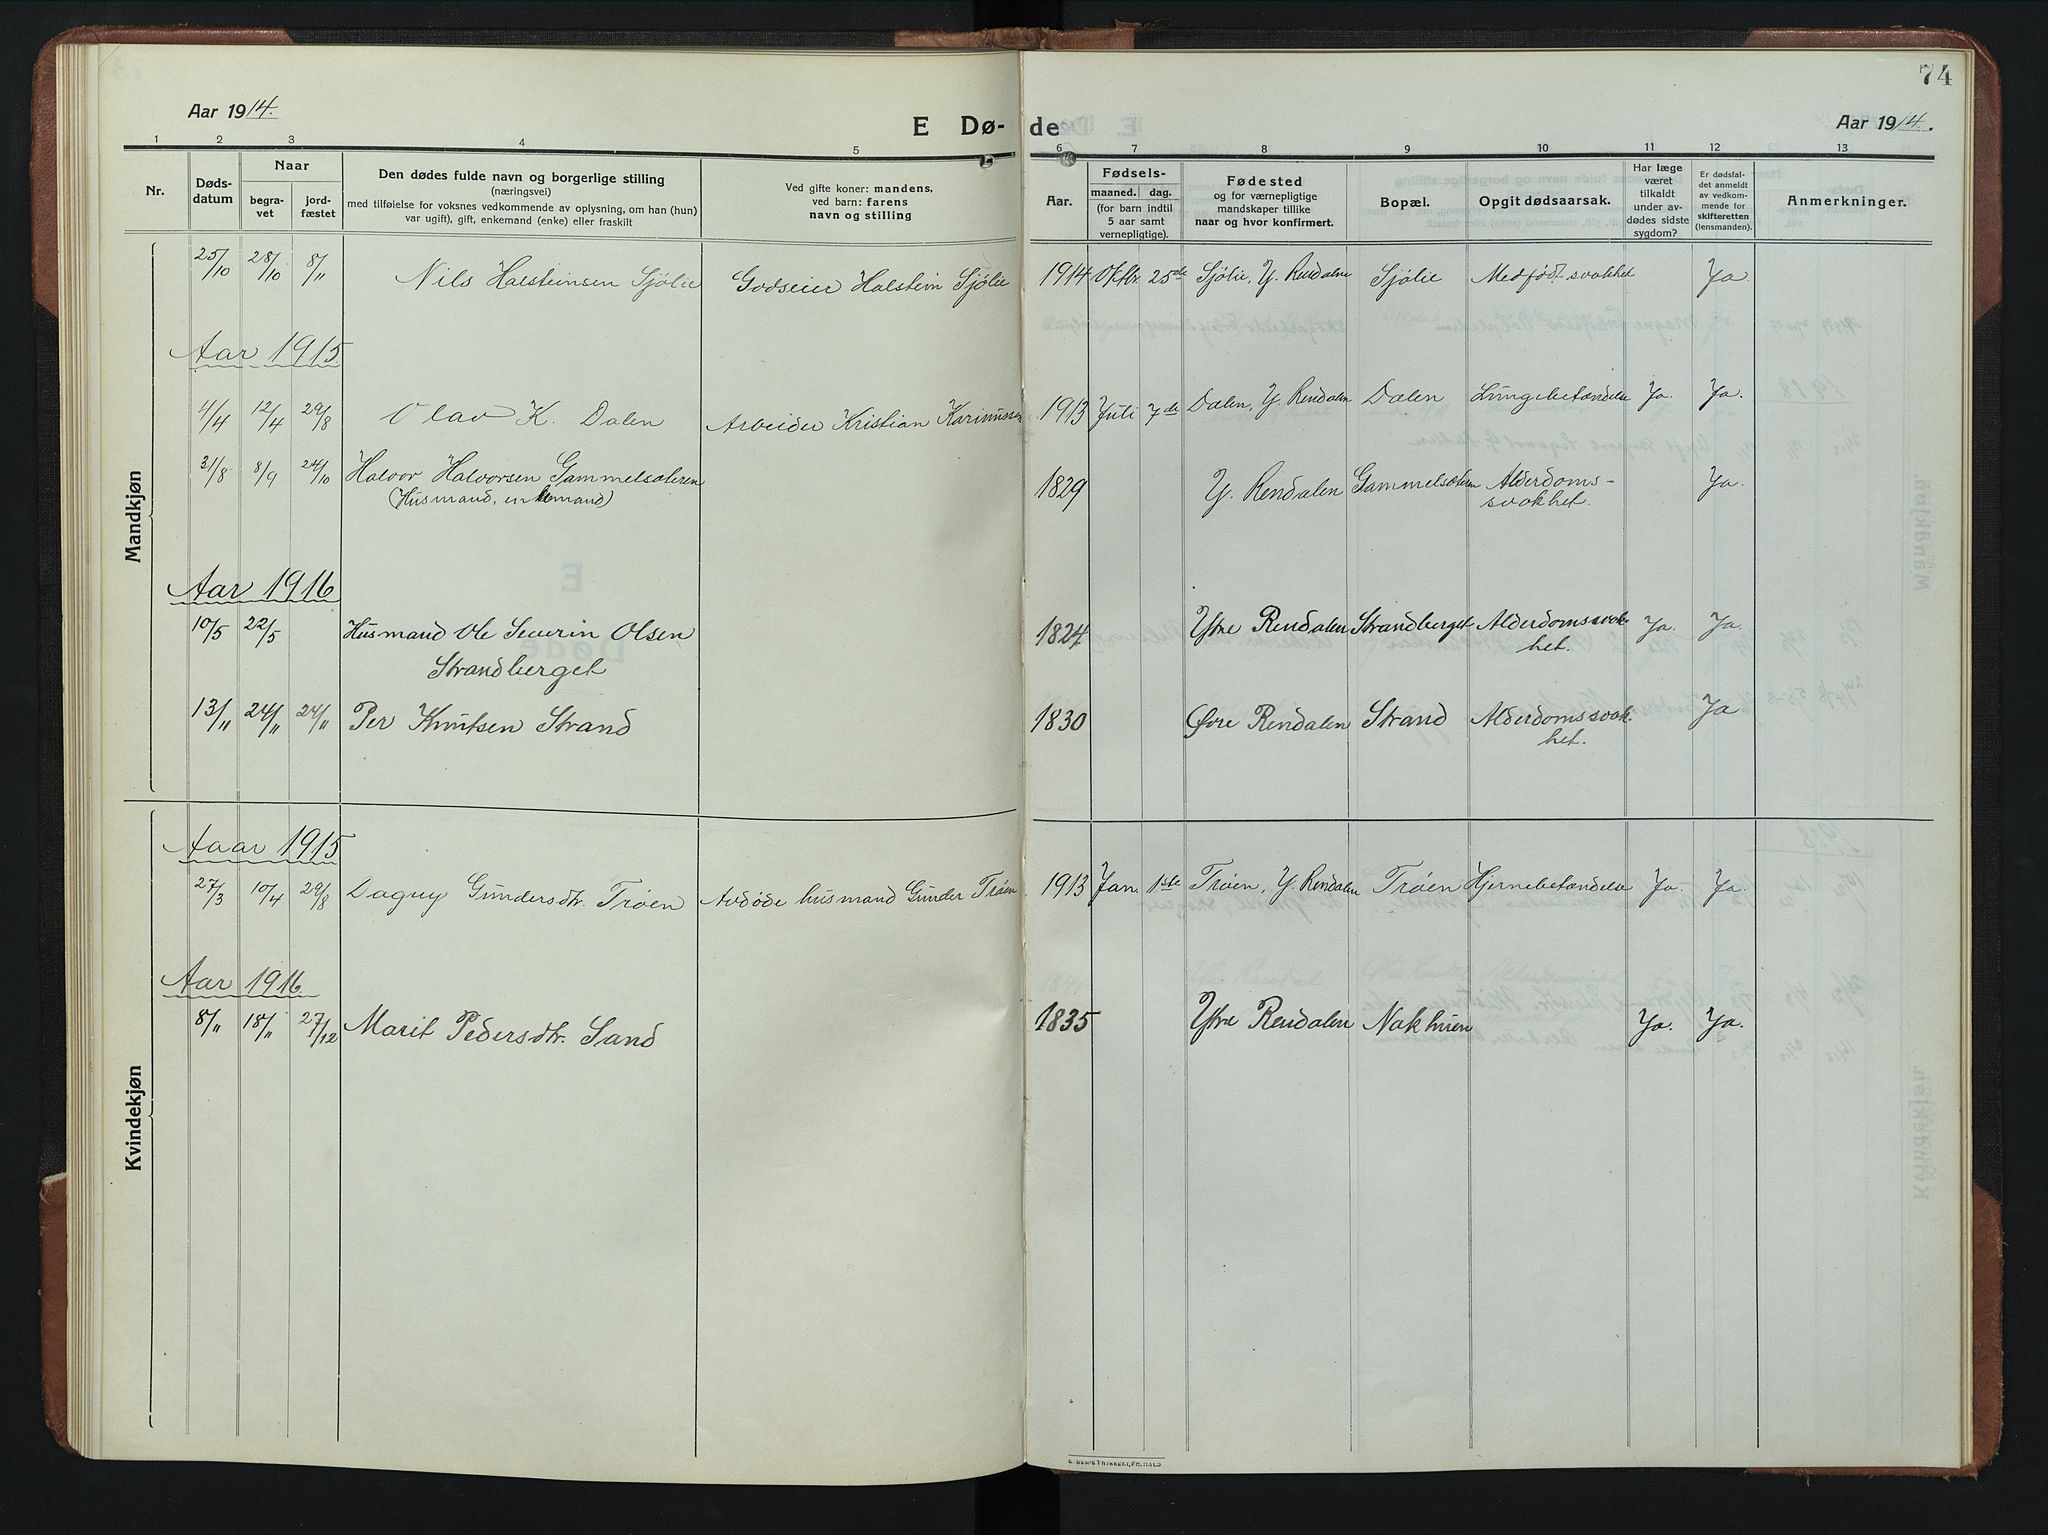 SAH, Rendalen prestekontor, H/Ha/Hab/L0008: Klokkerbok nr. 8, 1914-1948, s. 74